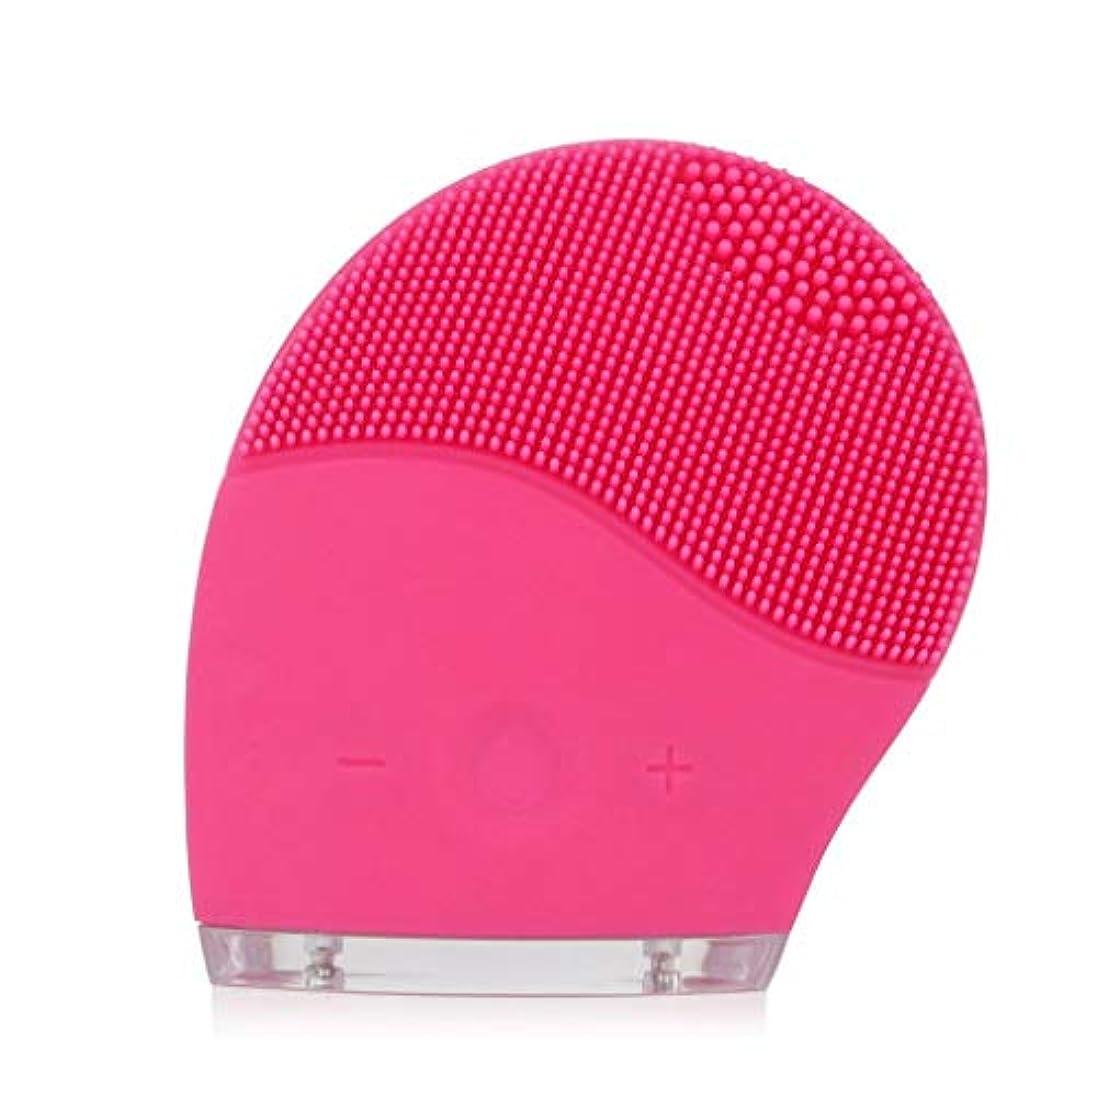 本物の構築するベアリングサークルフェイシャルクレンジングブラシ、電気シリコーンフェイシャルマッサージブラシ防水アンチエイジングスキンクレンザー、ディープエクスフォリエイティングメイクアップツール、フェイシャルポリッシュ、スクラブ (Color : Pink)